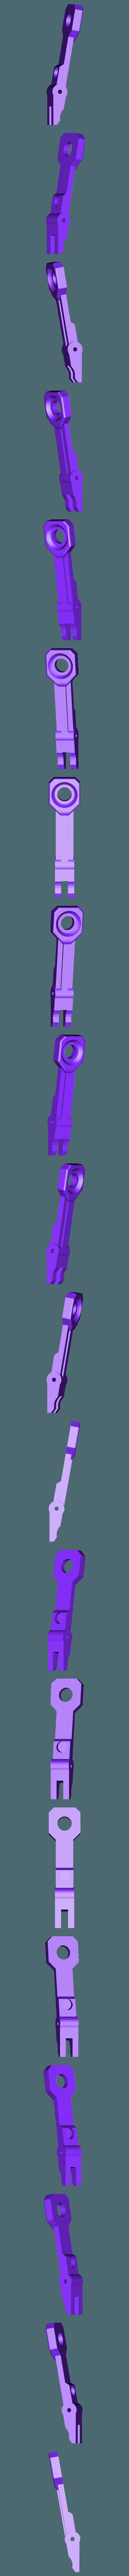 DMAG_MAGWELL_T_L_PART_v4.stl Télécharger fichier STL gratuit MCS DMAG / HELIX Adaptateur universel de magazine GAUCHE • Objet à imprimer en 3D, UntangleART